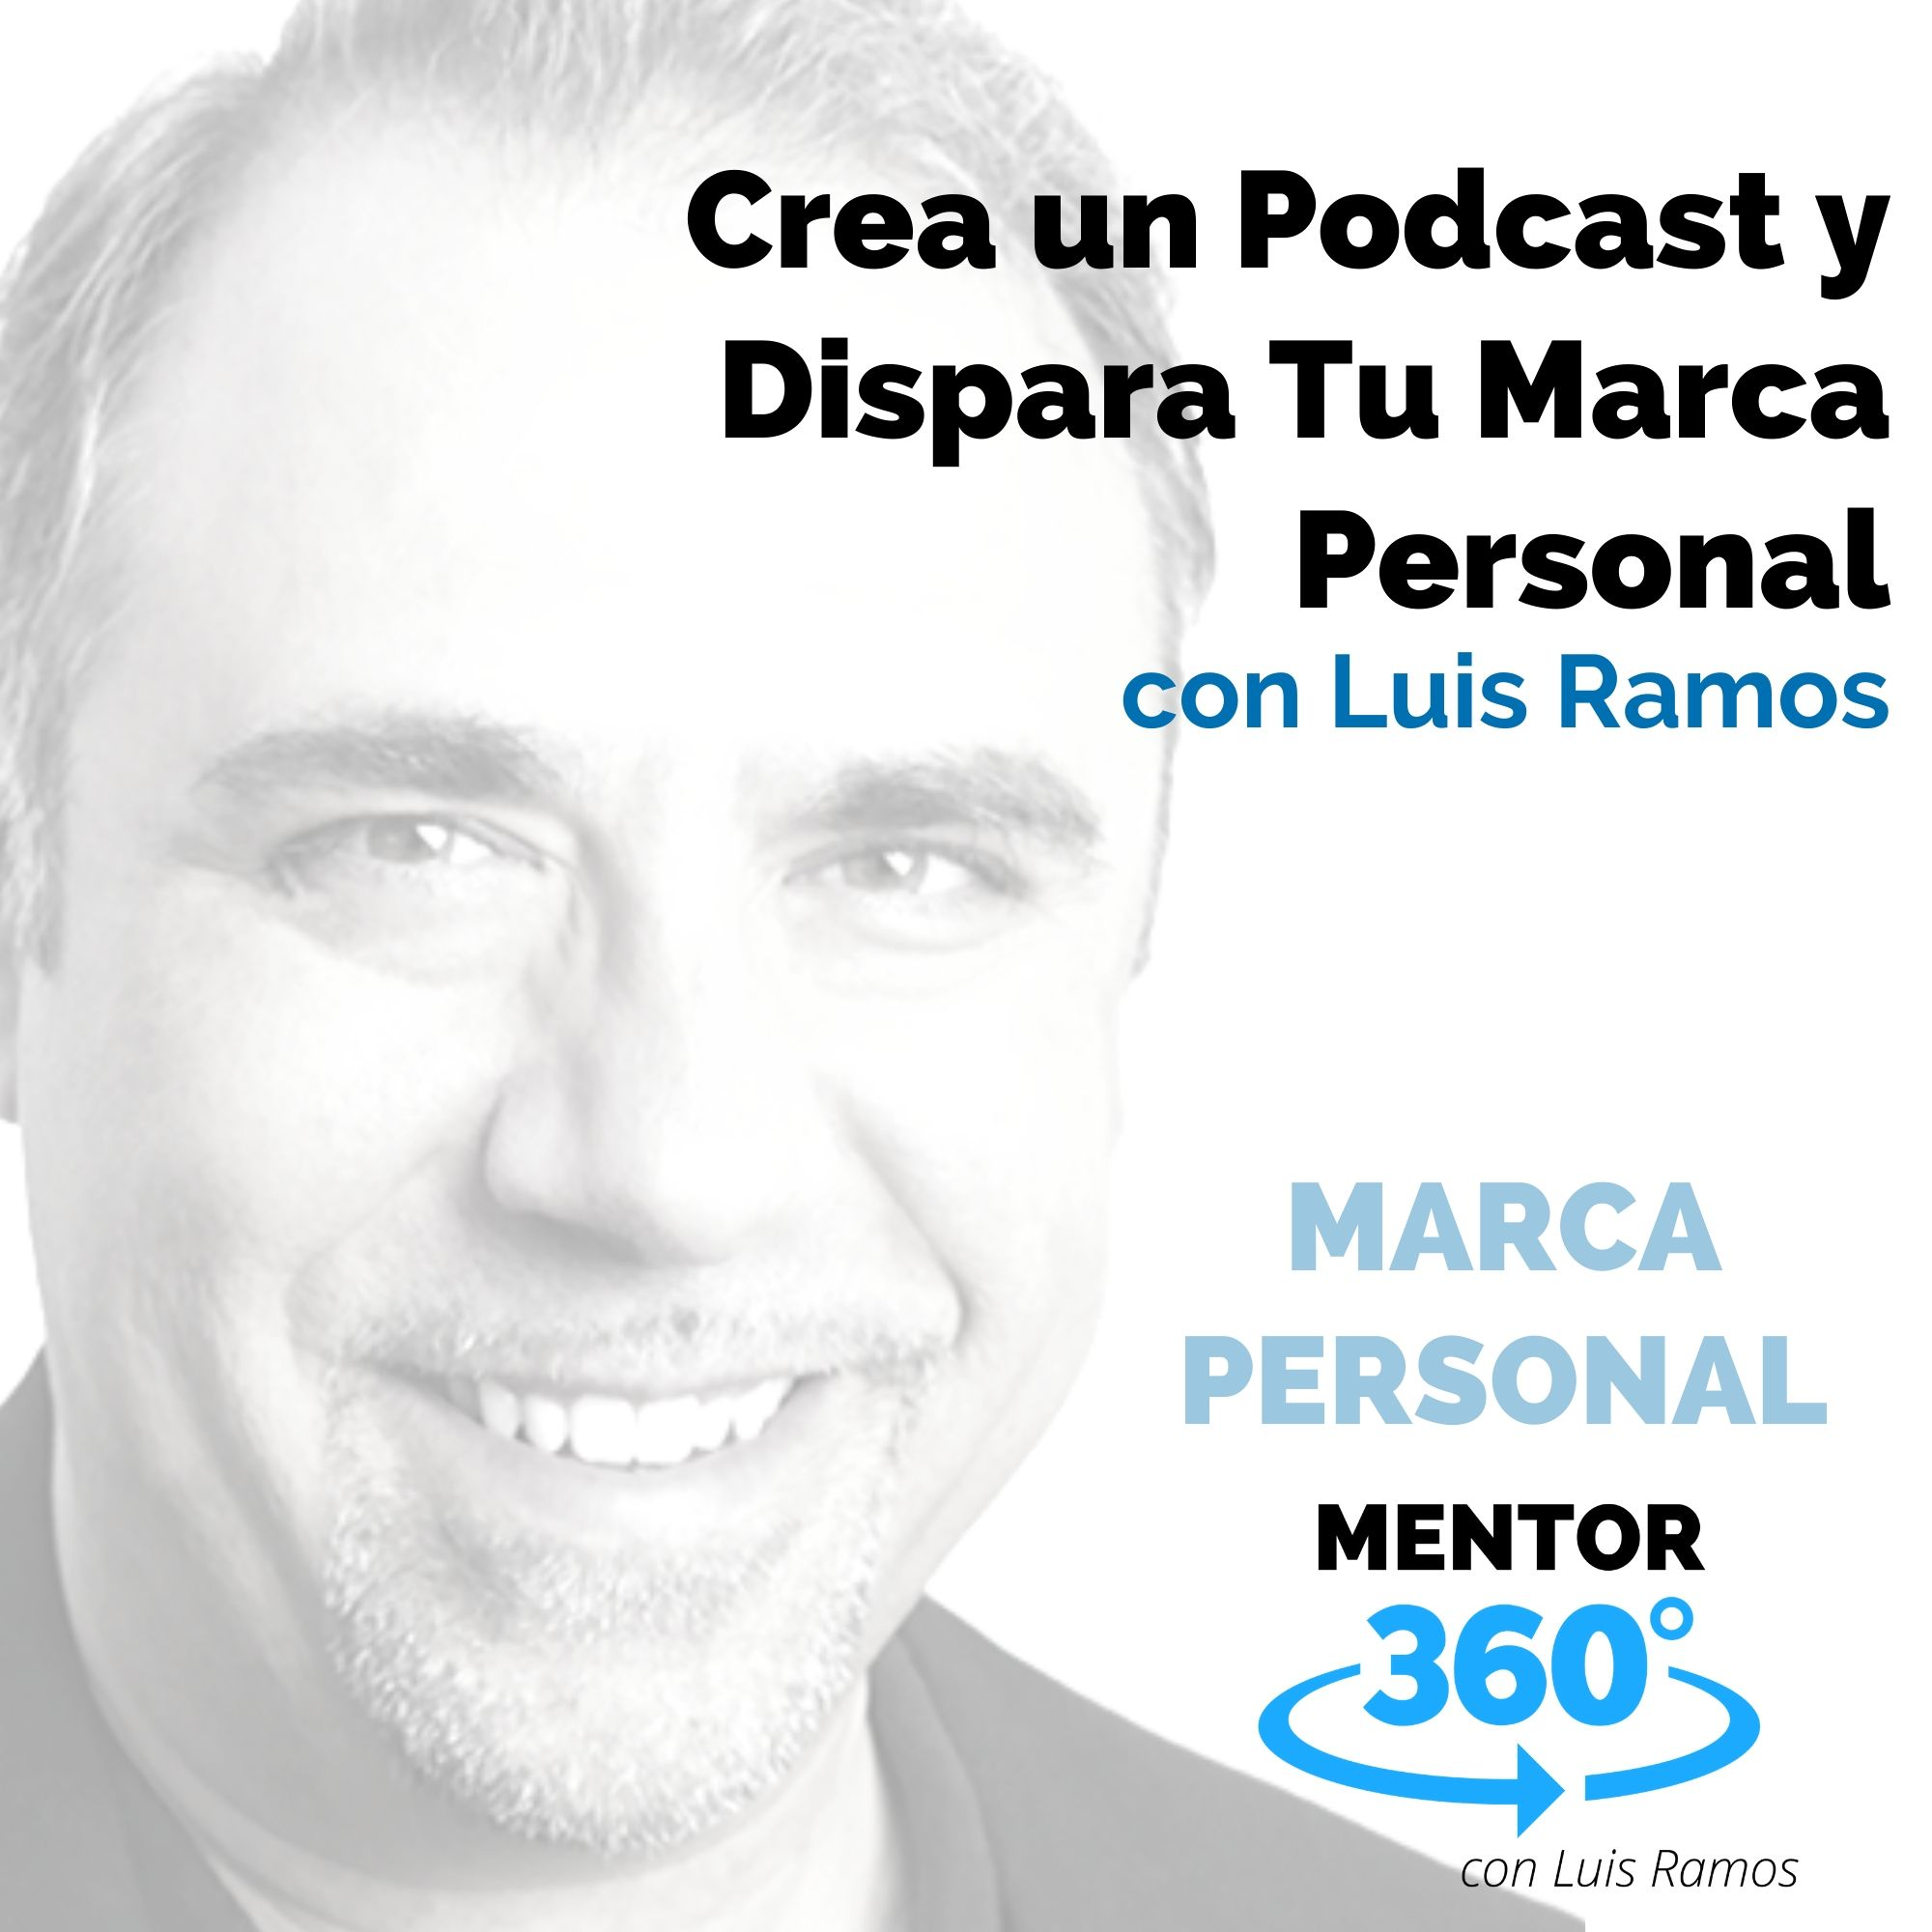 Crea un Podcast y Dispara Tu Marca Personal, con Luis Ramos - MARCA PERSONAL